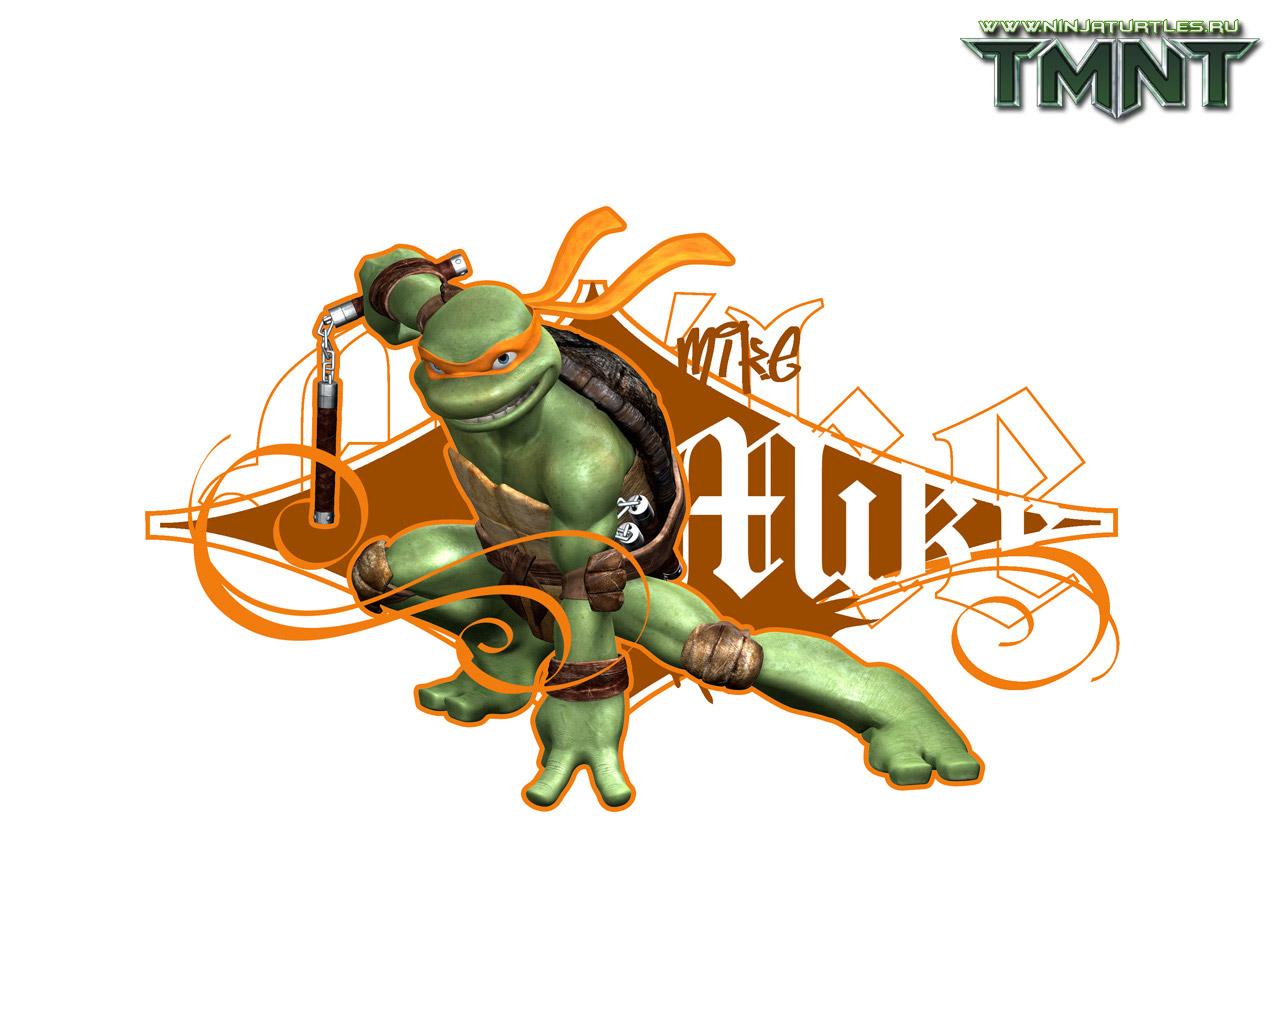 TMNT 2007 wallpaper (85)